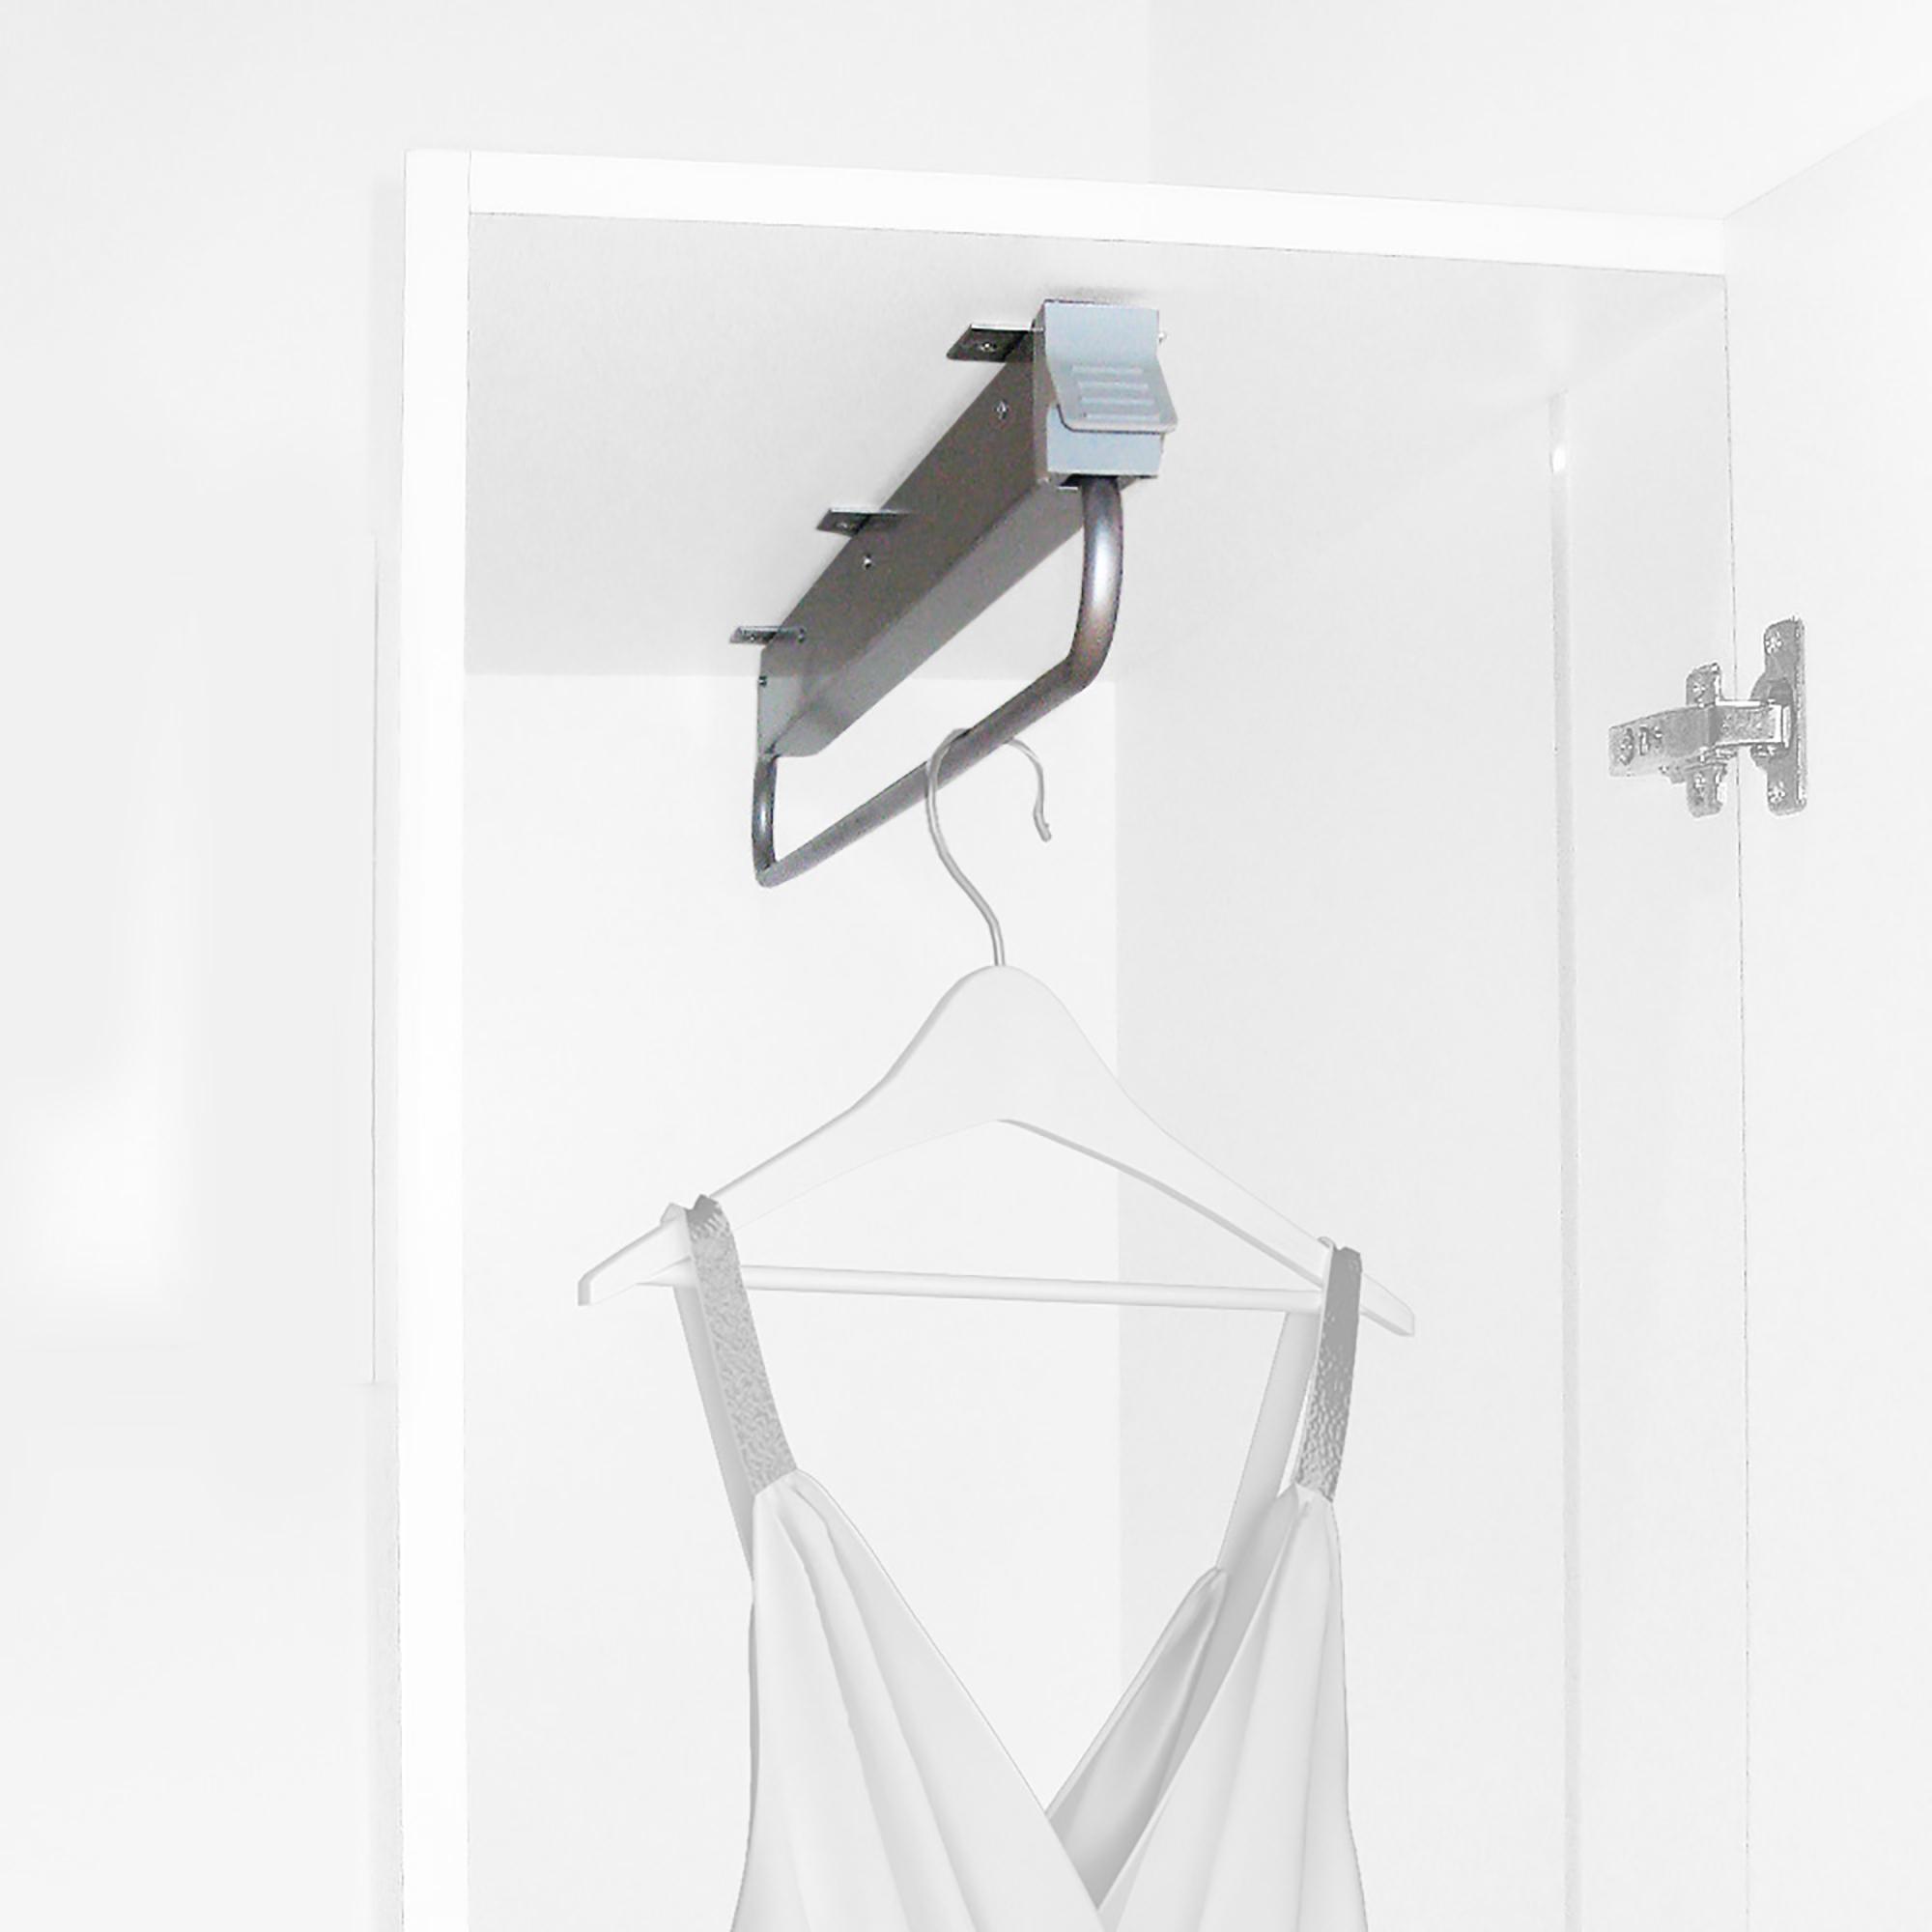 Emuca Appendiabiti estraibile per armadio, 800 mm, Acciaio e plastica, Grigio metallizzato